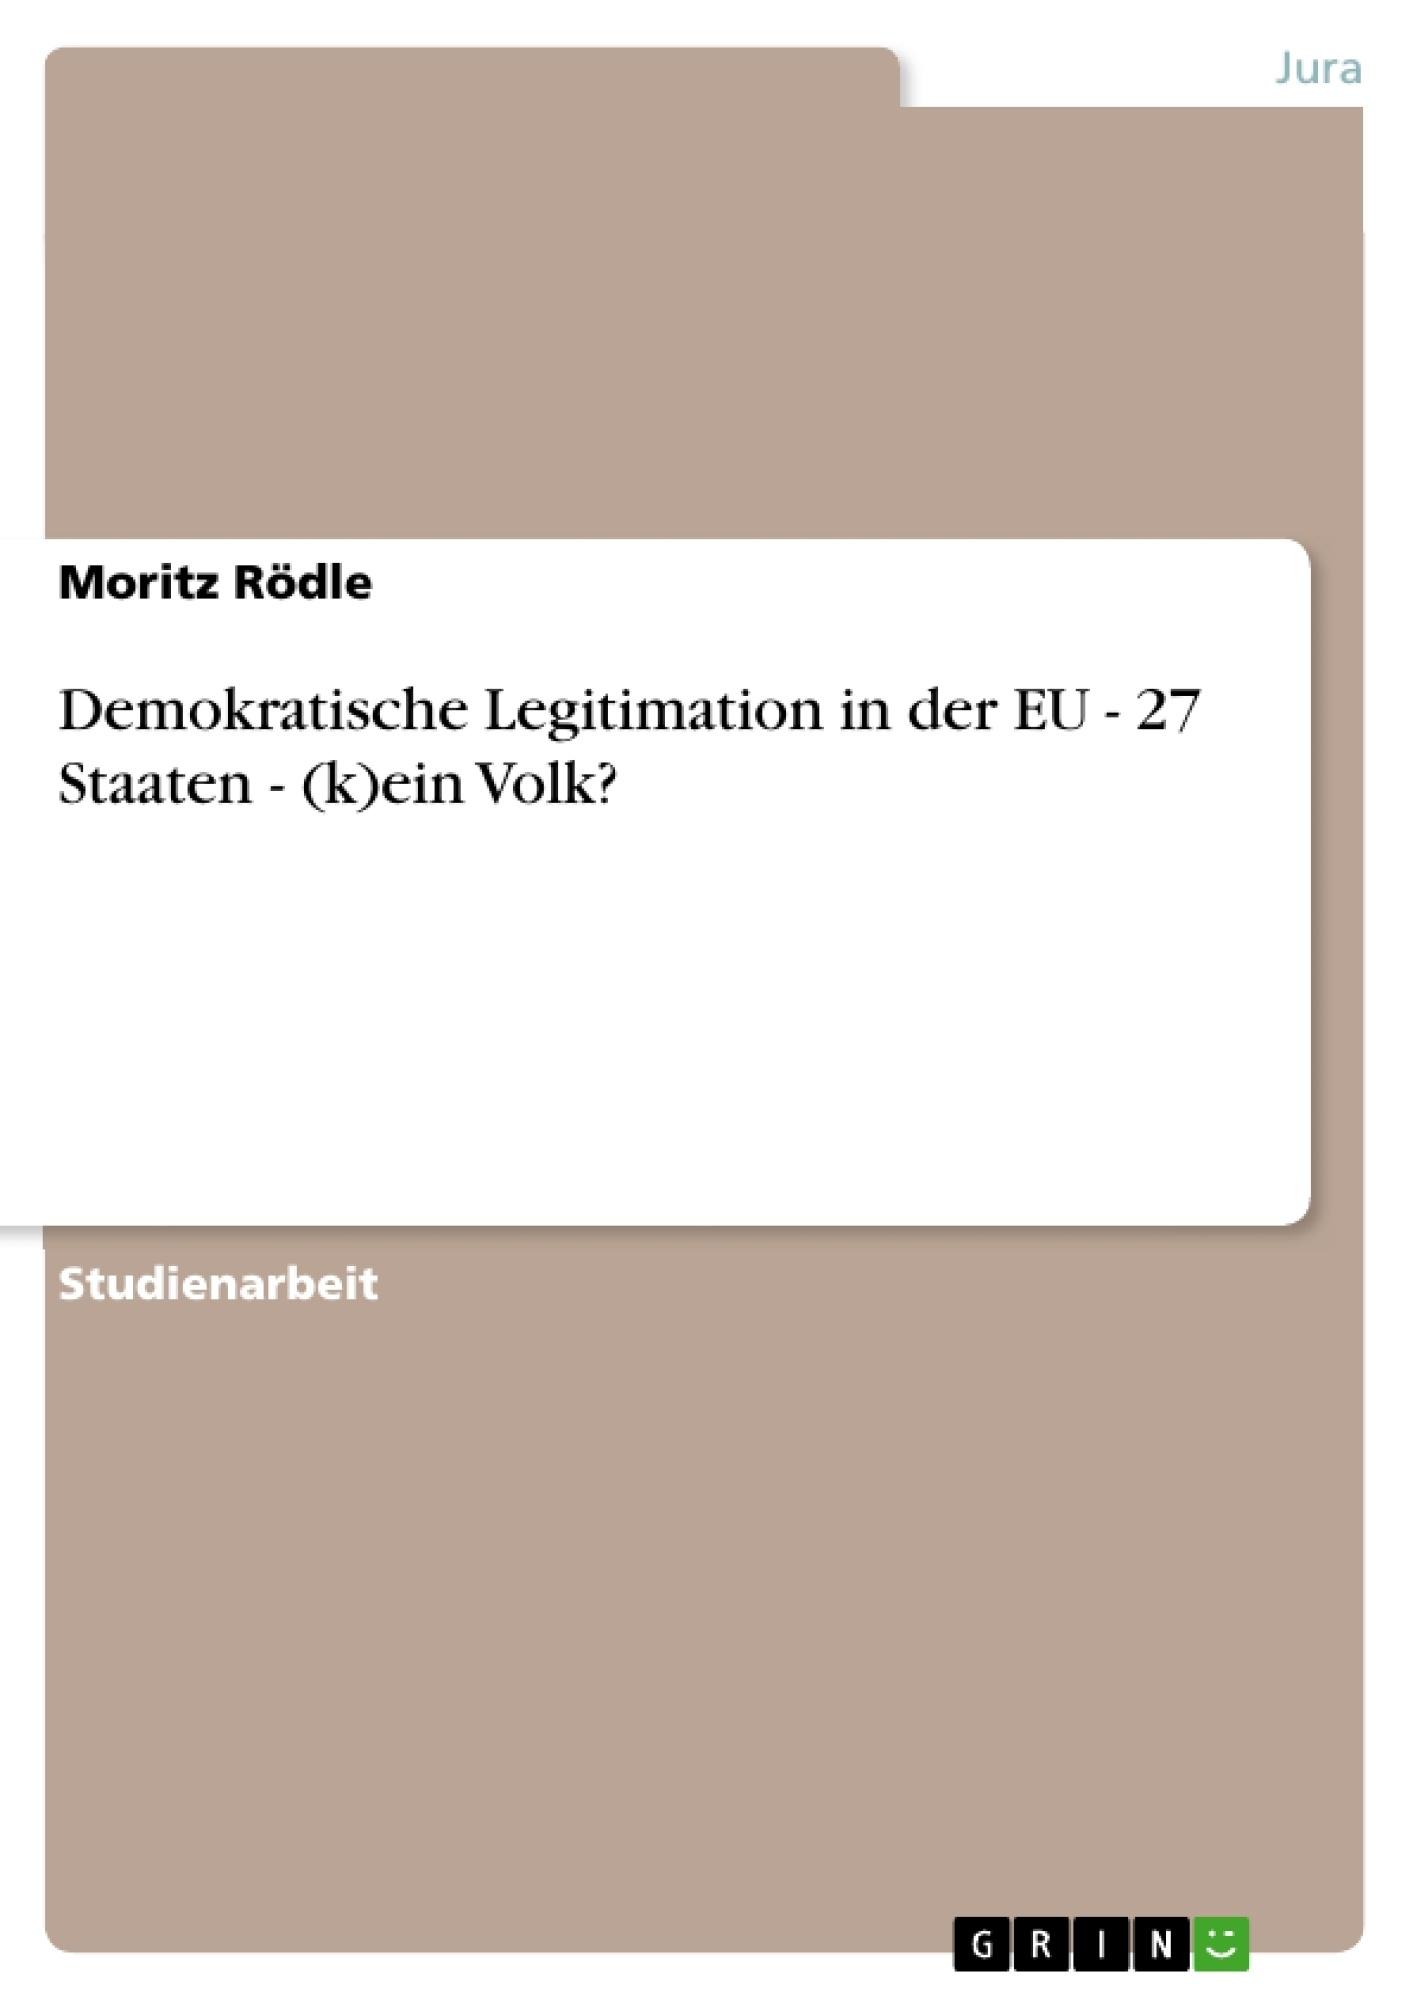 Titel: Demokratische Legitimation in der EU - 27 Staaten - (k)ein Volk?